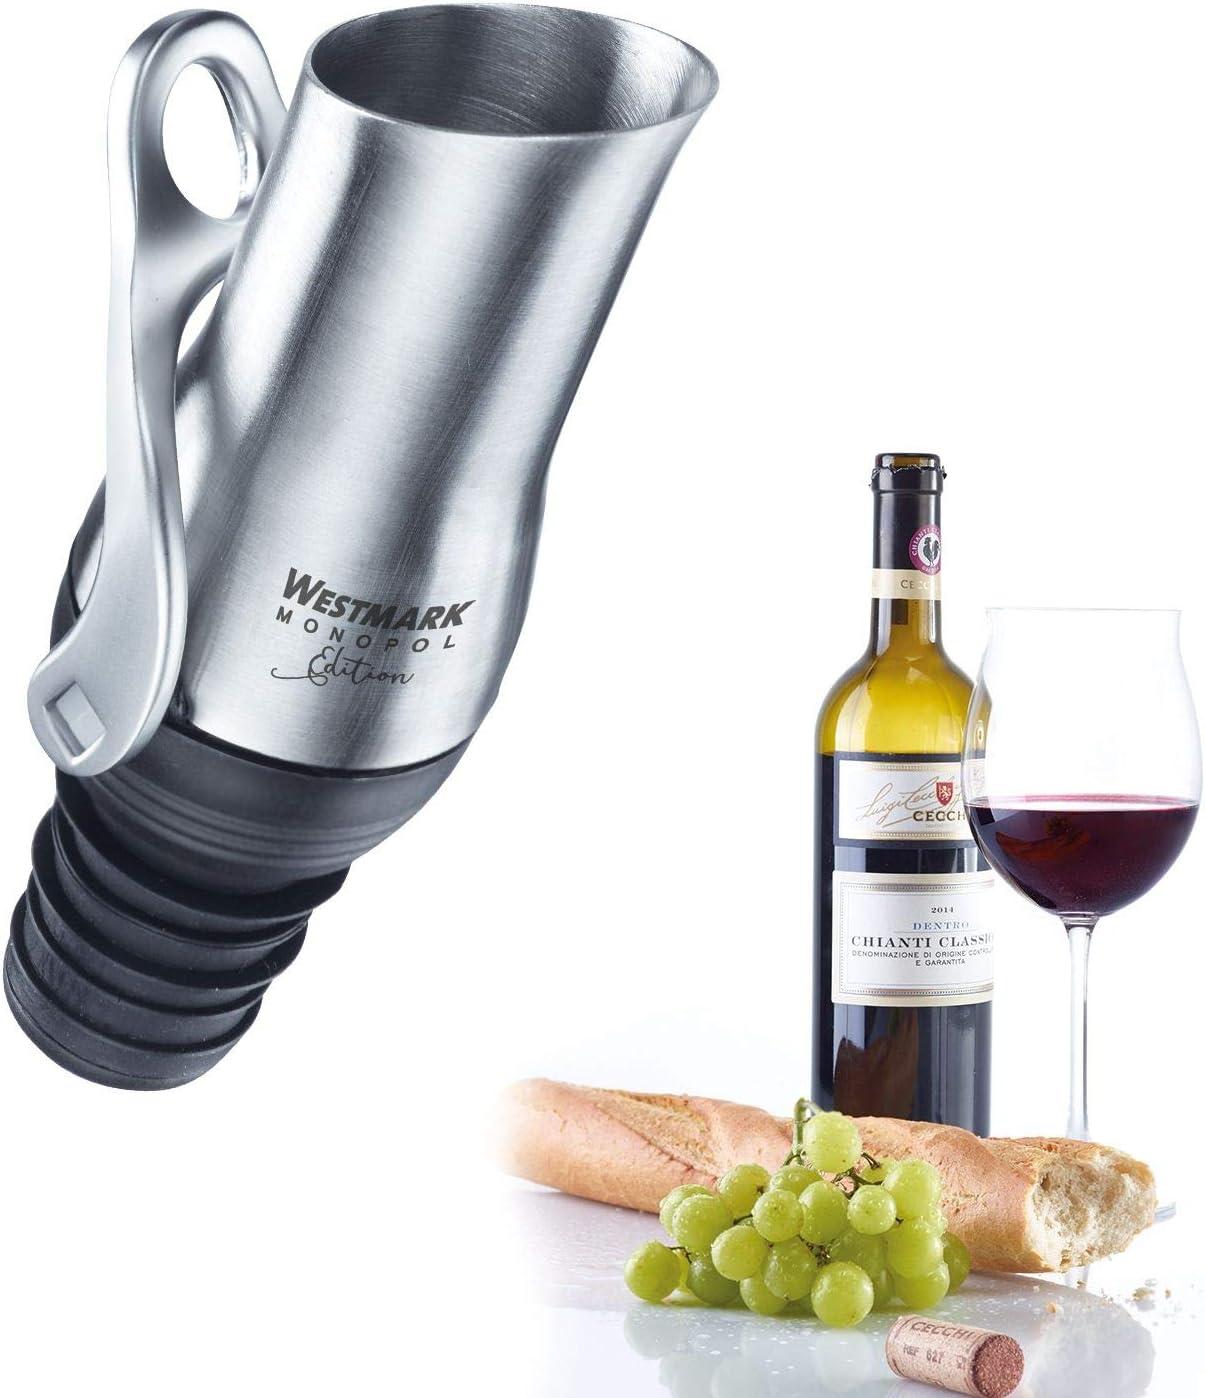 Westmark 61863360 Luca Bec verseur avec m/écanisme de fermeture en silicone Monopol Edition en acier inoxydable